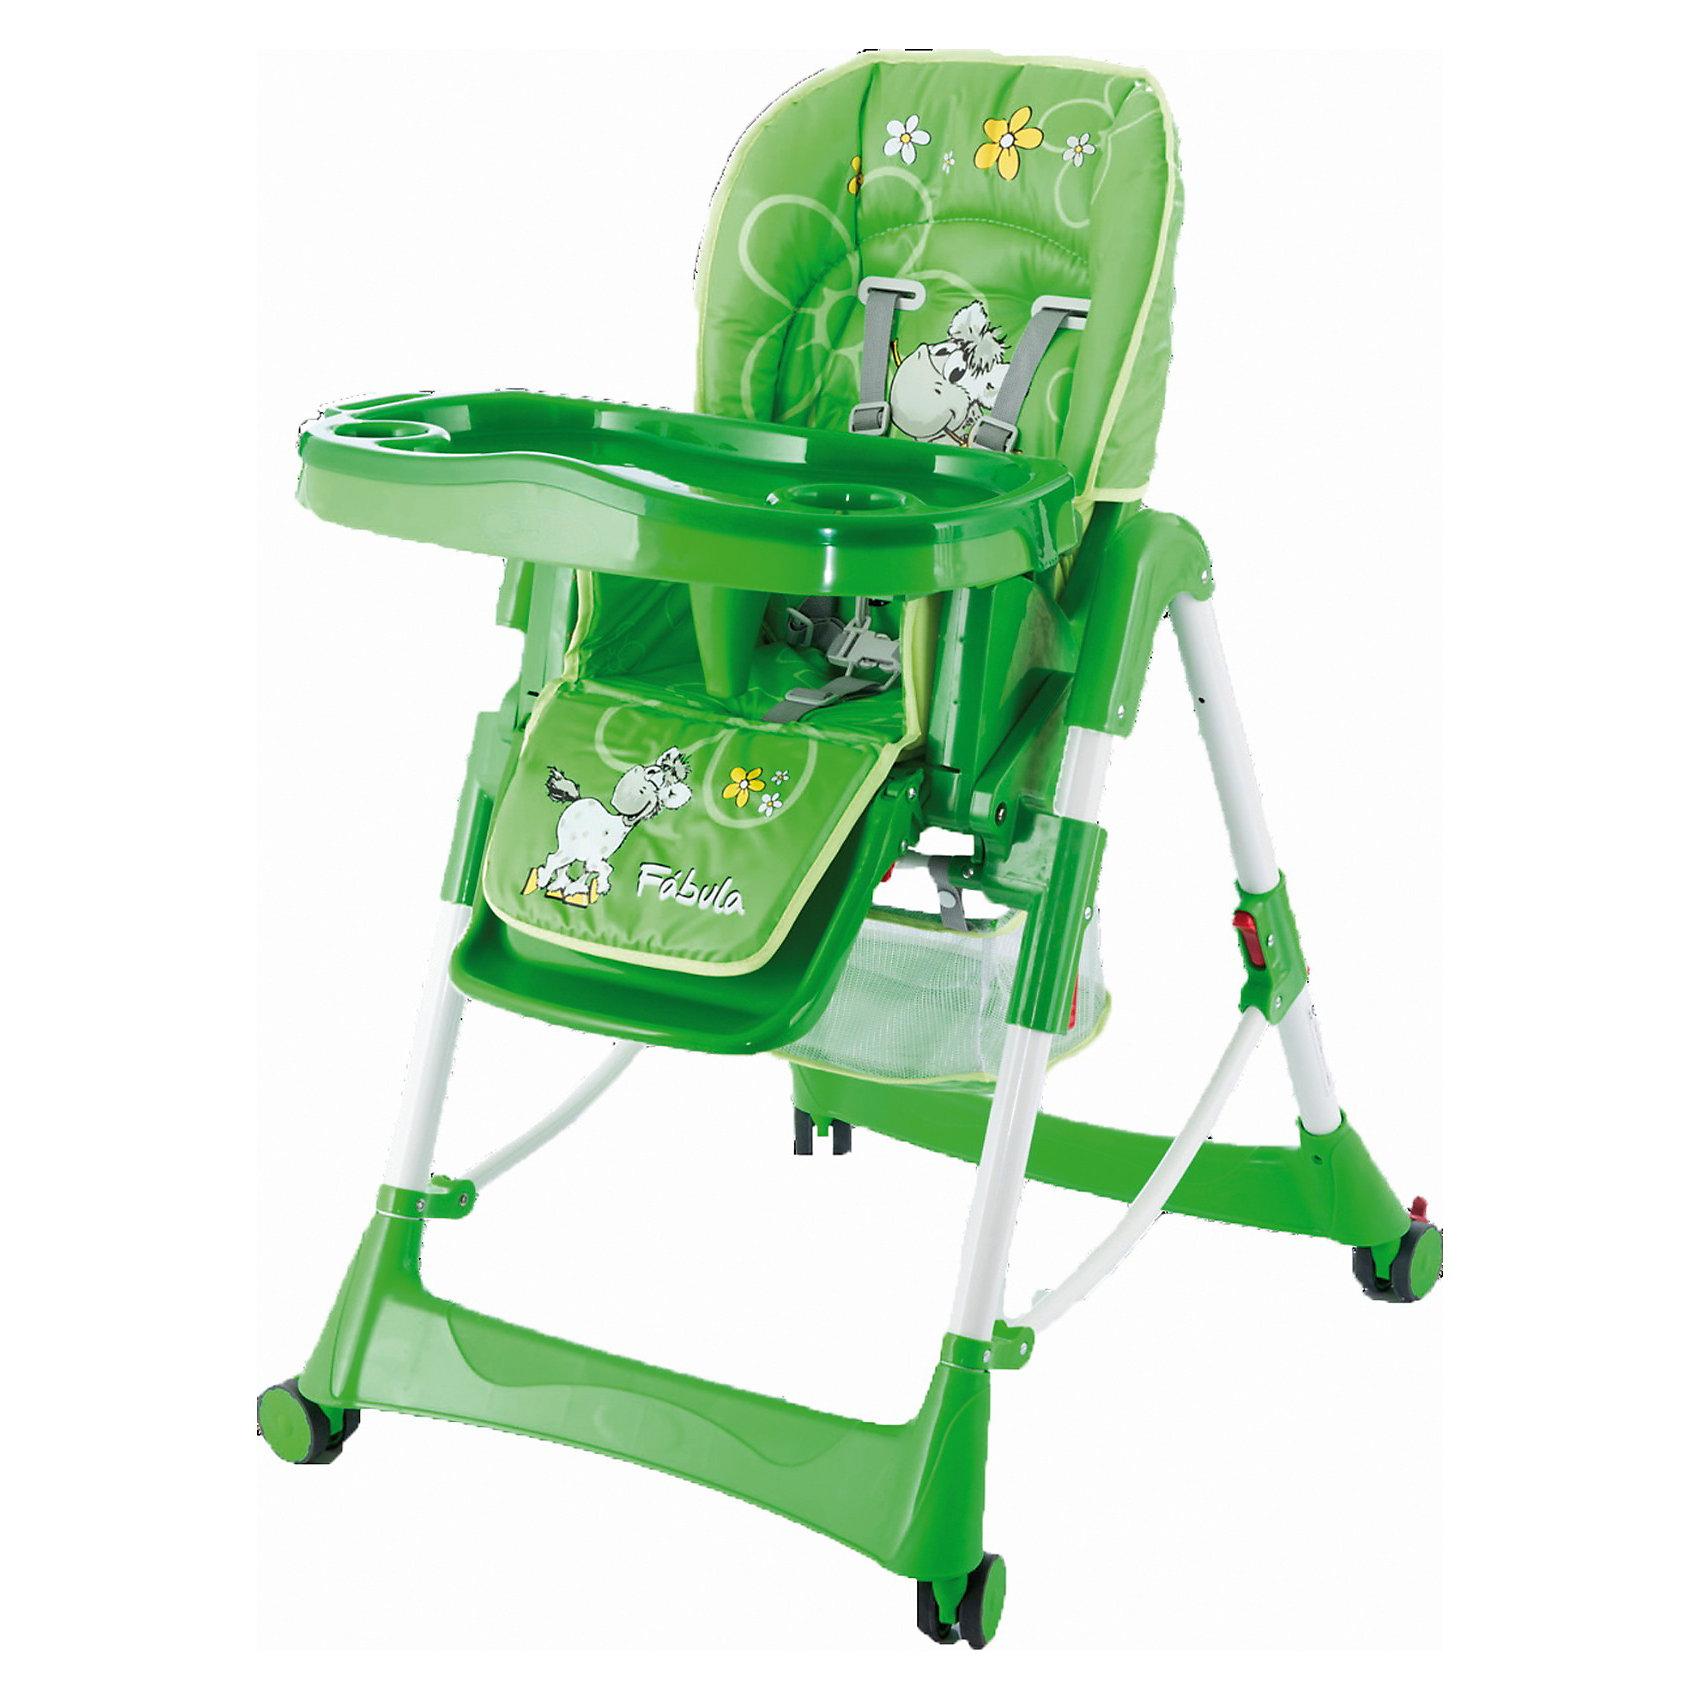 Стульчик для кормления Piero Fabula Horse, Jetem, зеленыйКомфортный стул для кормления Piero Fabula Horse от Jetem (Жетем) поможет сделать кормление малыша приятным и безопасным. Стульчик выполнен в ярком привлекательном дизайне с изображениями забавной лошадки. <br><br>Рама с поперечной перекладиной обеспечивает максимальную устойчивость. Мягкое комфортное сиденье имеет спинку, у которой регулируются высота (6 уровней) и угол наклона (3 положения) в зависимости от потребностей ребенка. Стульчик оснащен 5-точечными ремнями безопасности и ограничителем, которые крепко удержат малыша и не позволят<br>соскользнуть вперед. Регулируемая подставка для ножек обеспечит ребенку надежную опору. У стульчика высокие бортики, столик также регулируется по высоте. Съемная столешница имеет 3 положения глубины, есть отверстие для стакана.<br><br>Имеется дополнительная съемная прозрачная столешница, сетка для игрушек. Прорезиненные колеса с тормозами предотвращают царапины на напольном покрытии. Клеенчатая обивка легко моется. Стульчик легко и компактно складывается и не занимает много места. Стульчик рекомендуется использовать от 4 -9 мес. до 3 лет, максимальный вес - 15 кг.<br><br>Дополнительная информация:<br><br>- Цвет: зеленый.<br>- Материал: пластик, ткань. <br>- Размер в разложенном состоянии: 125 х 60 х 65 см.<br>- Высота спинки стульчика: 58 см.<br>- Ширина сидения: 29 см.<br>- Глубина сидения: 28 см.<br>- Размер упаковки: 54 х 29 х 7 см. <br>- Вес: 10,5 кг. <br><br>Стул для кормления Piero Fabula Horse, Jetem (Жетем) можно купить в нашем интернет-магазине.<br><br>Ширина мм: 700<br>Глубина мм: 280<br>Высота мм: 550<br>Вес г: 10500<br>Возраст от месяцев: 6<br>Возраст до месяцев: 36<br>Пол: Унисекс<br>Возраст: Детский<br>SKU: 3618041